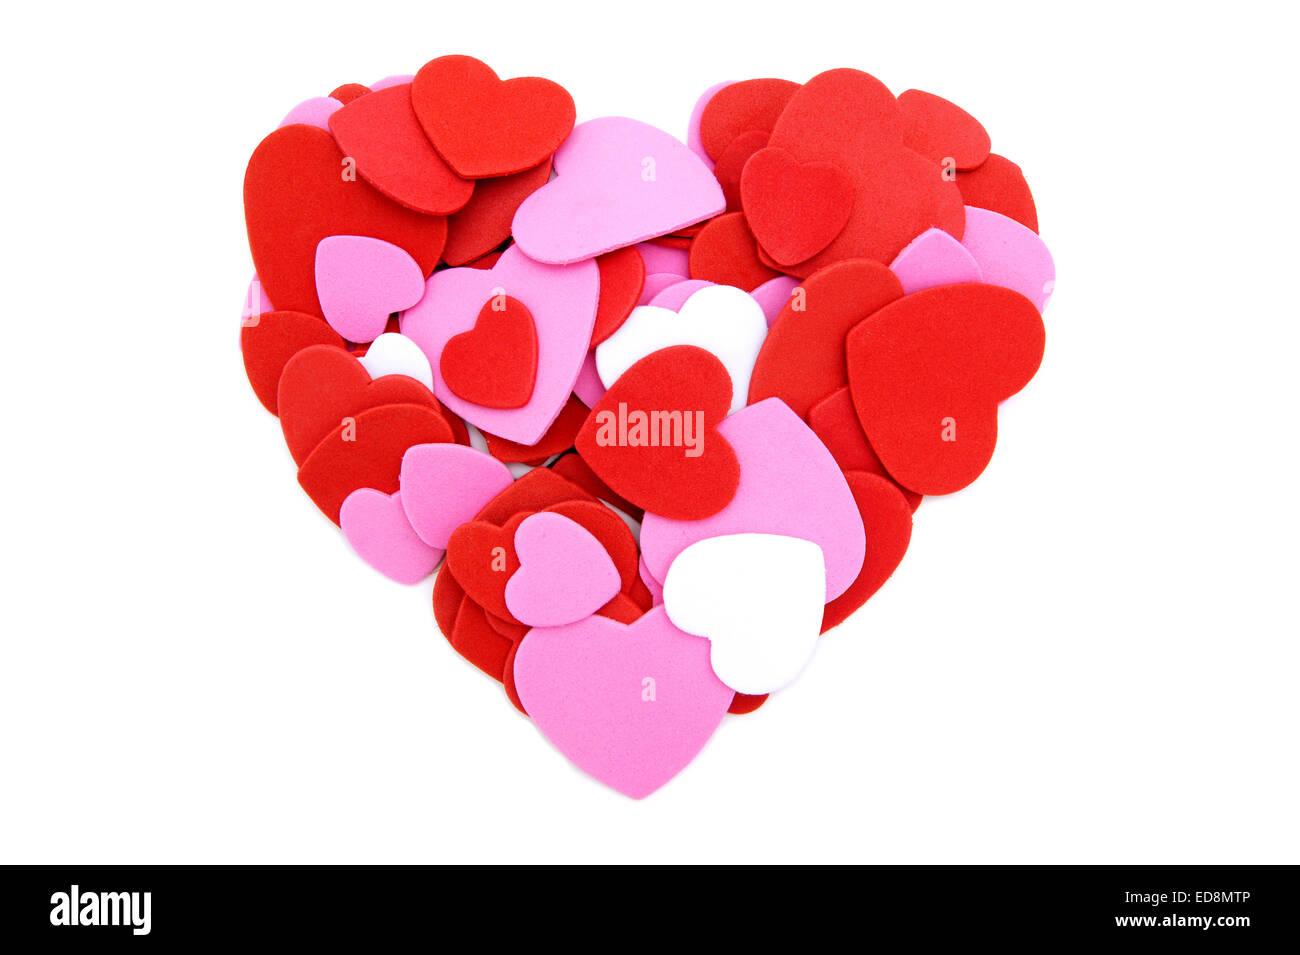 Cuore colorati fatti del giorno di San Valentino a forma di cuore ad coriandoli Immagini Stock